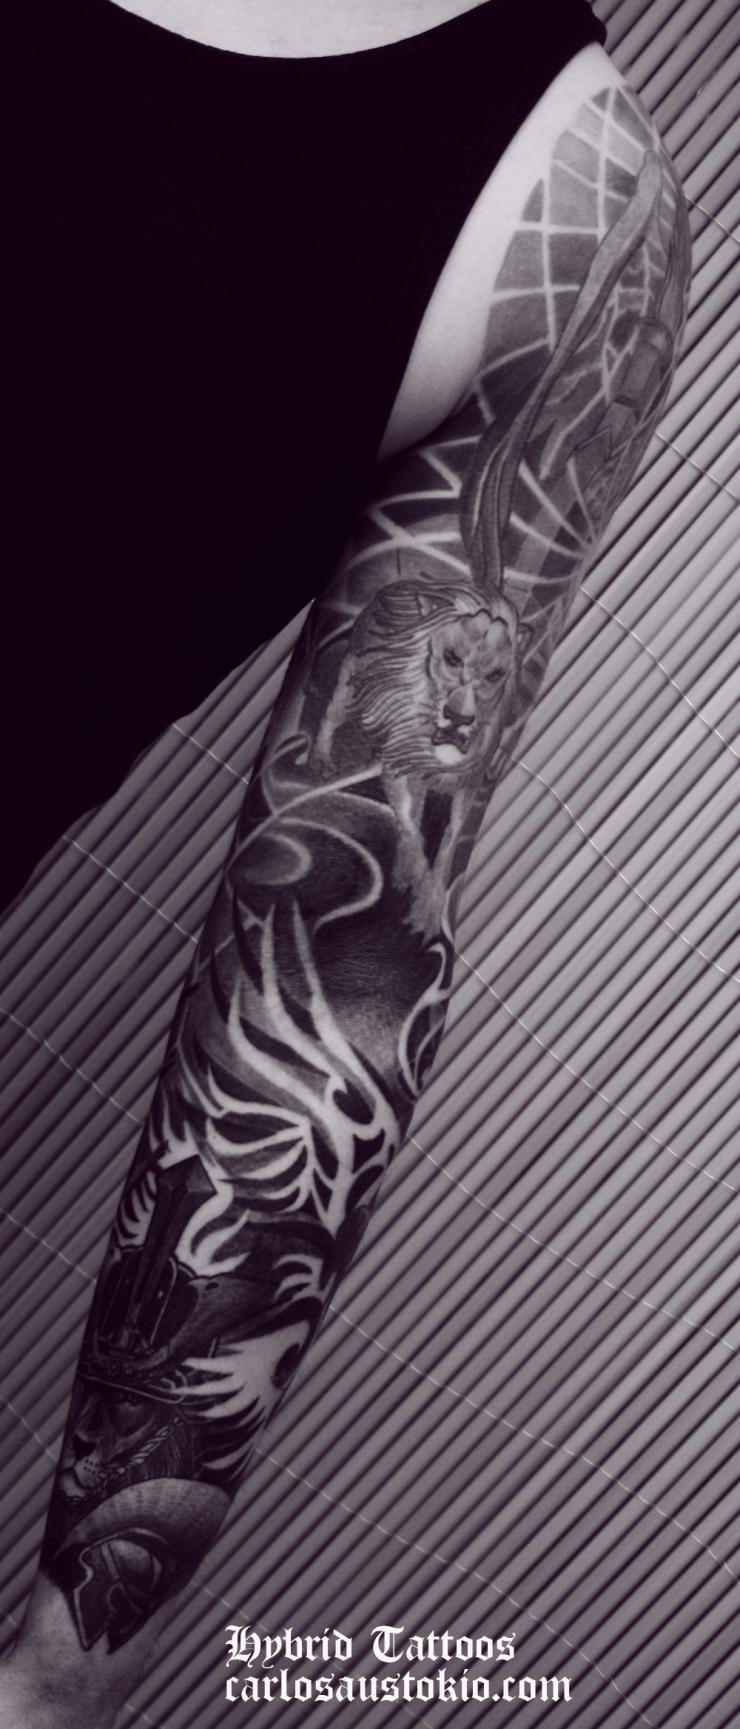 carlos aus tokio deutschland cologne tattoo000